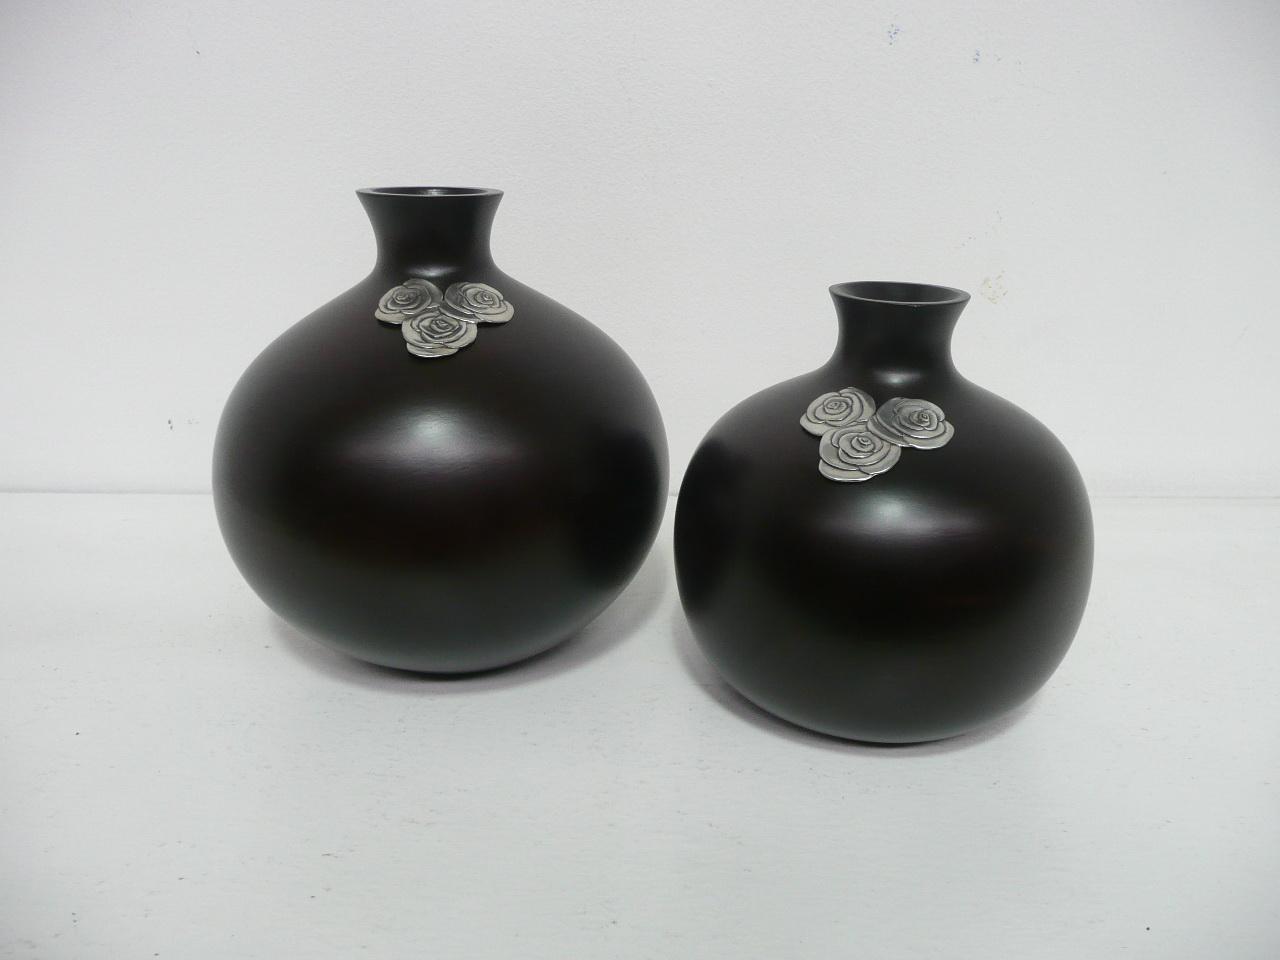 แจกันดอกไม้ สีดำ รูปทรงกลม งานหัตถกรรม ของตกแต่งบ้าน ห้องรับแขก